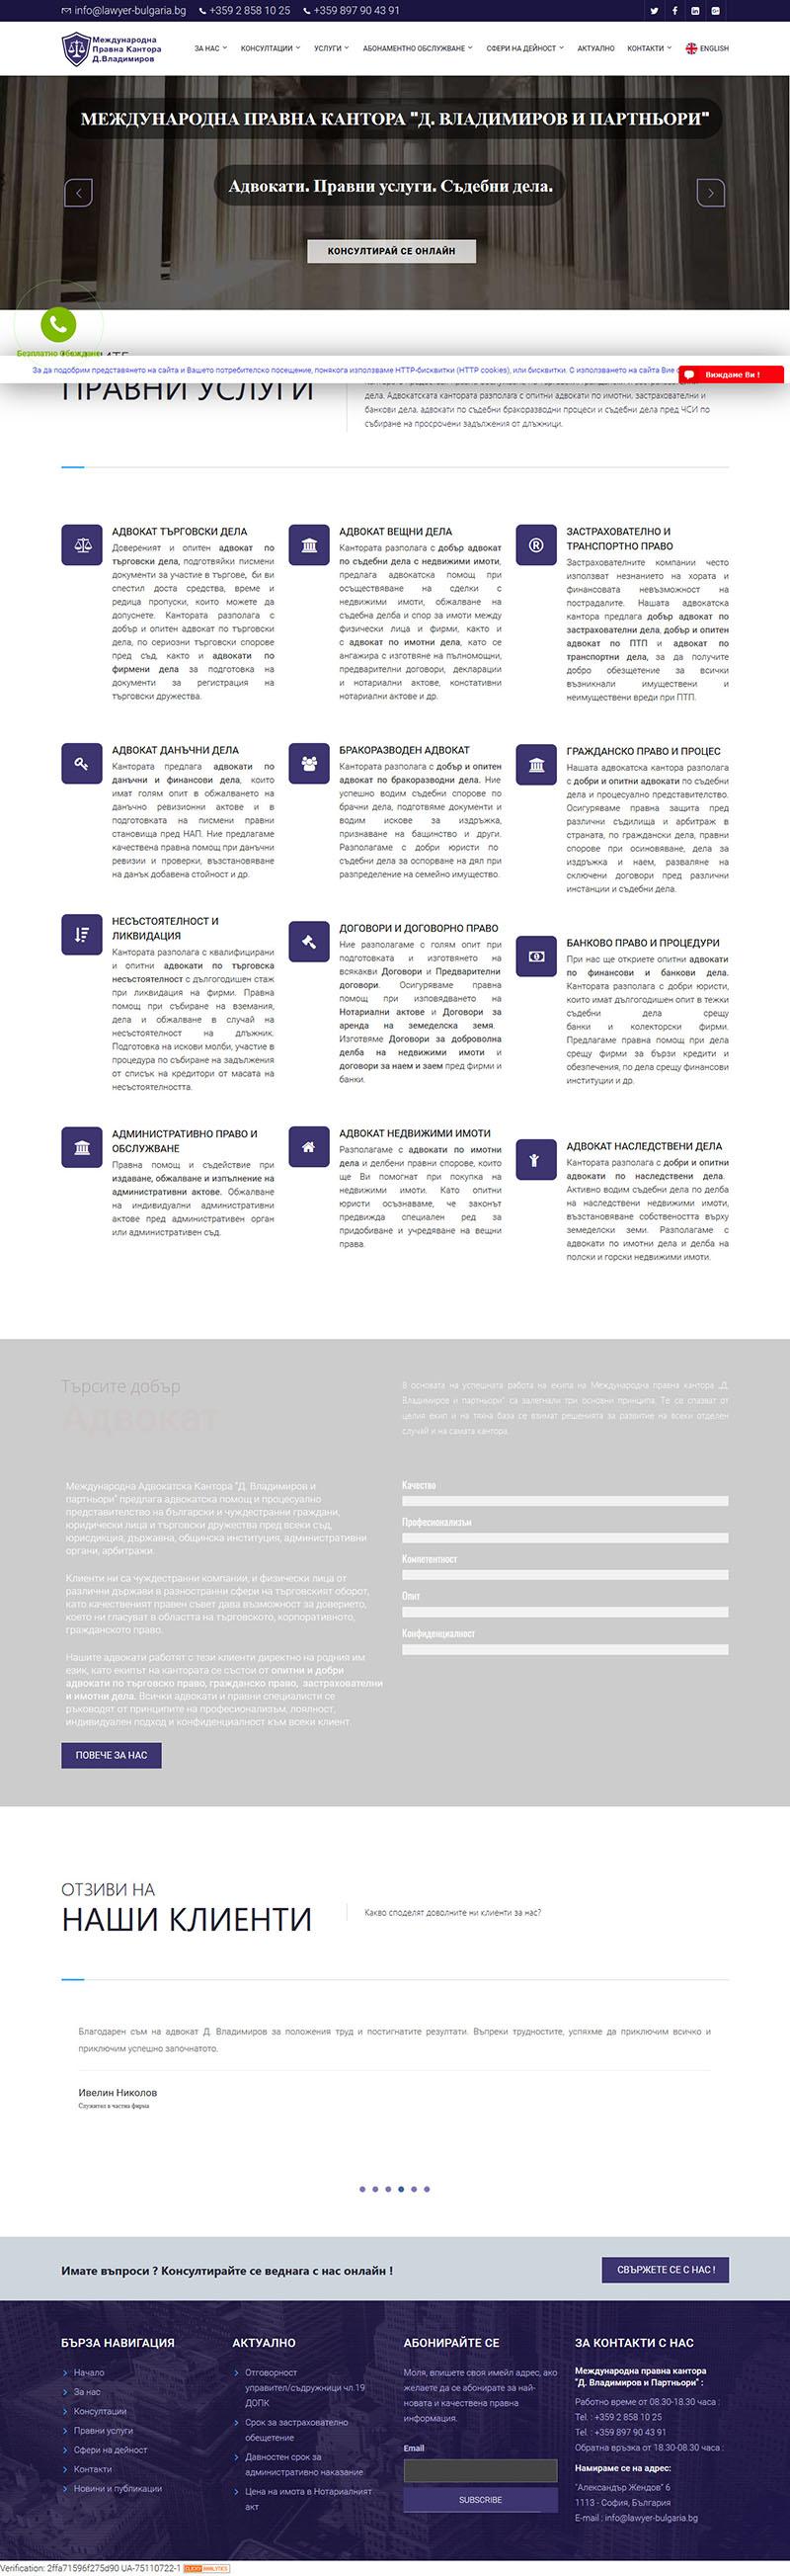 SEO Оптимизация на сайт за правни услуги на Международна правна кантора Д. Владимиров и партньори-GS-WebCreator